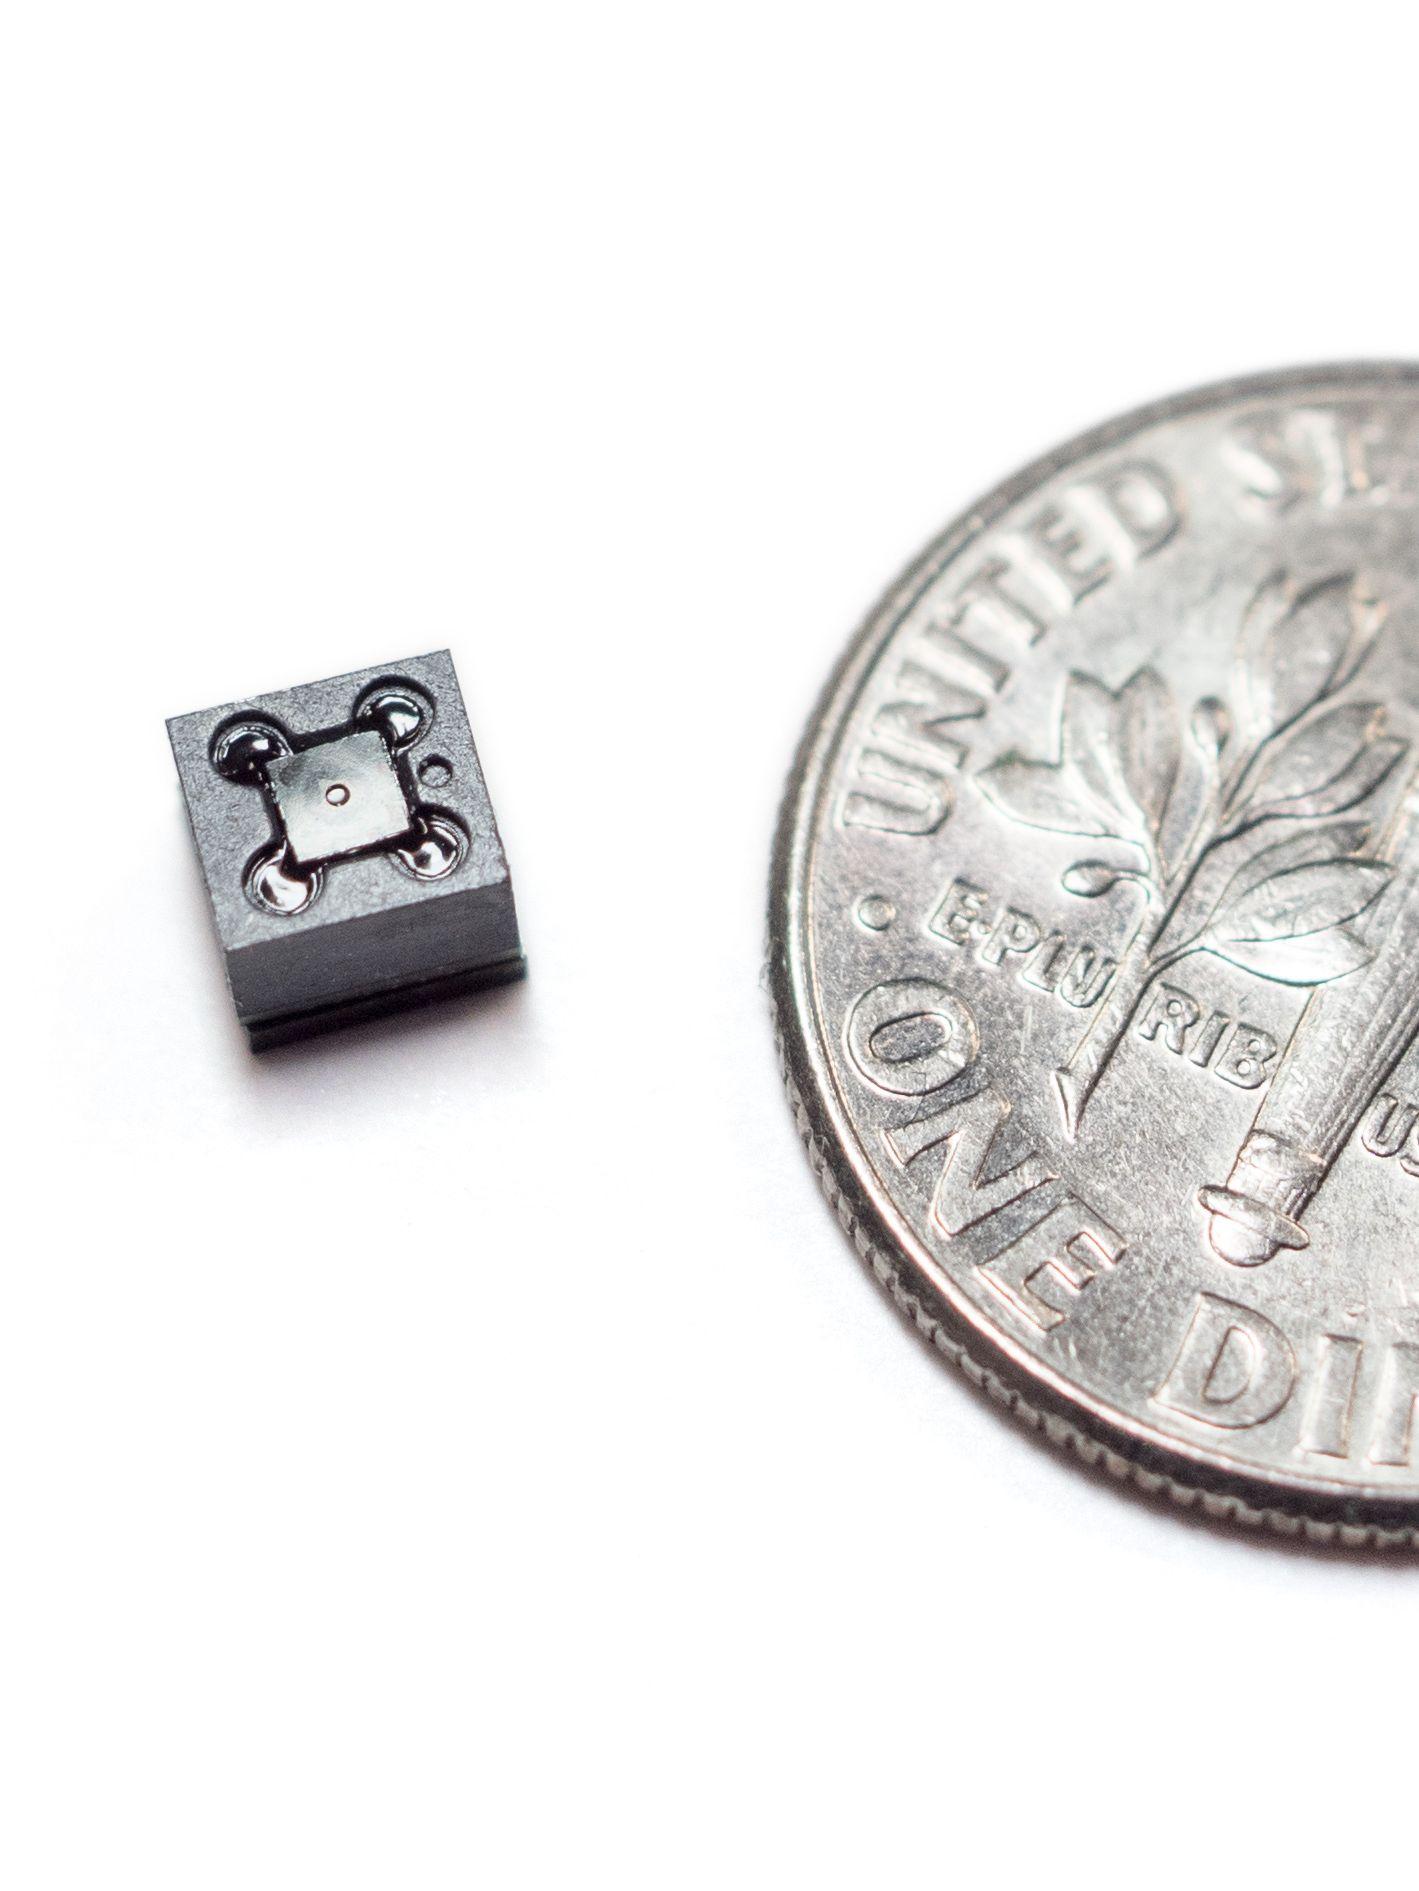 クアルコム、省電力稼働の画期的画像センサーを開発中